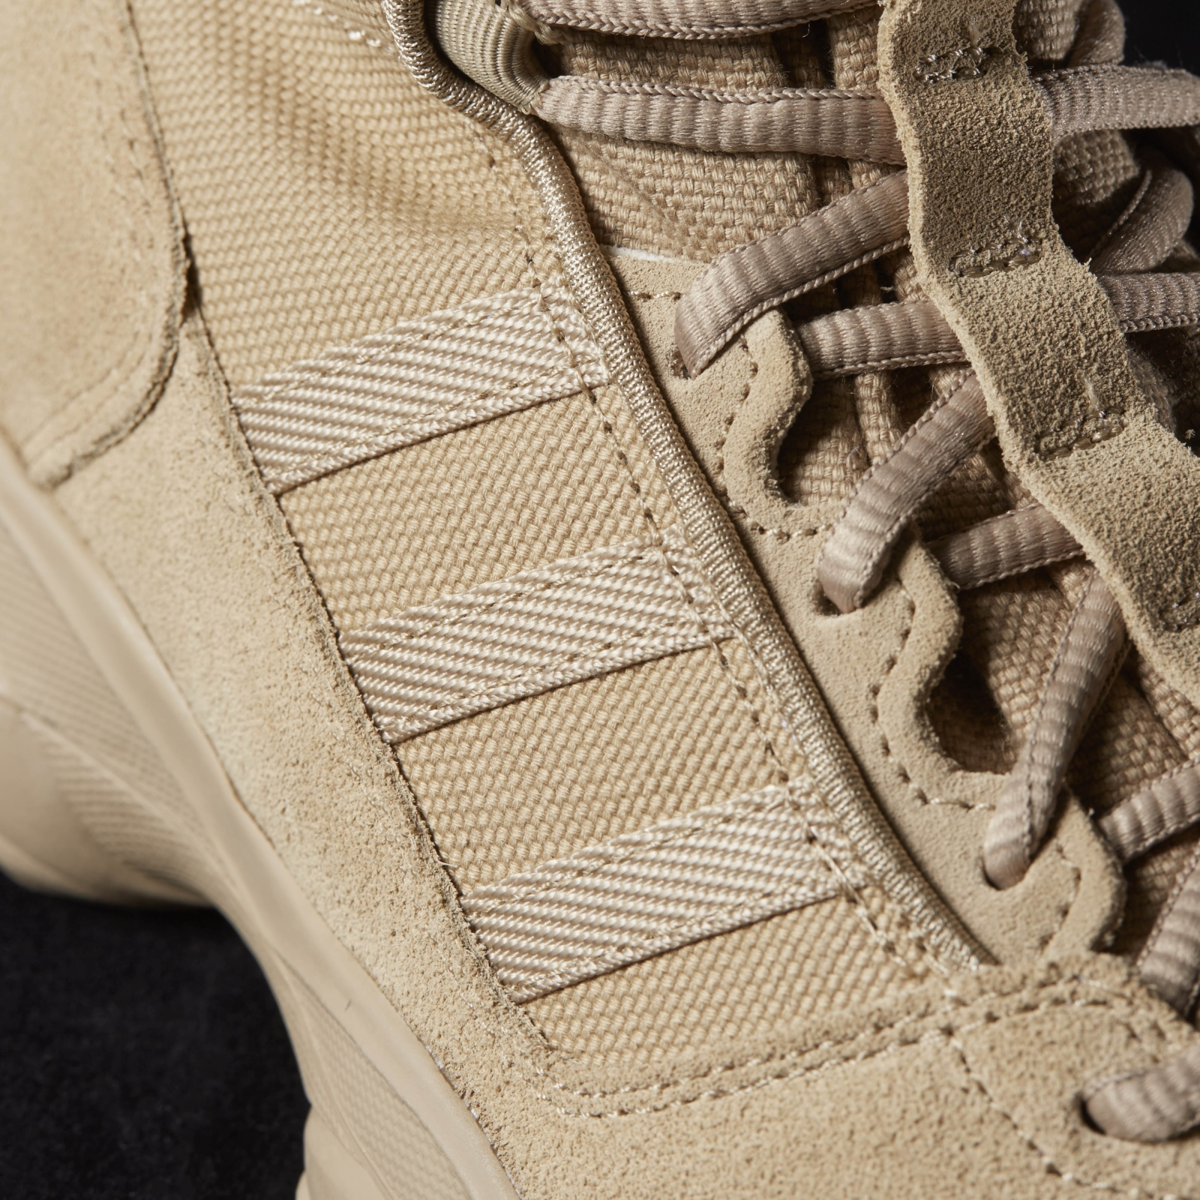 Buty taktyczne Adidas GSG 9.3 U41774